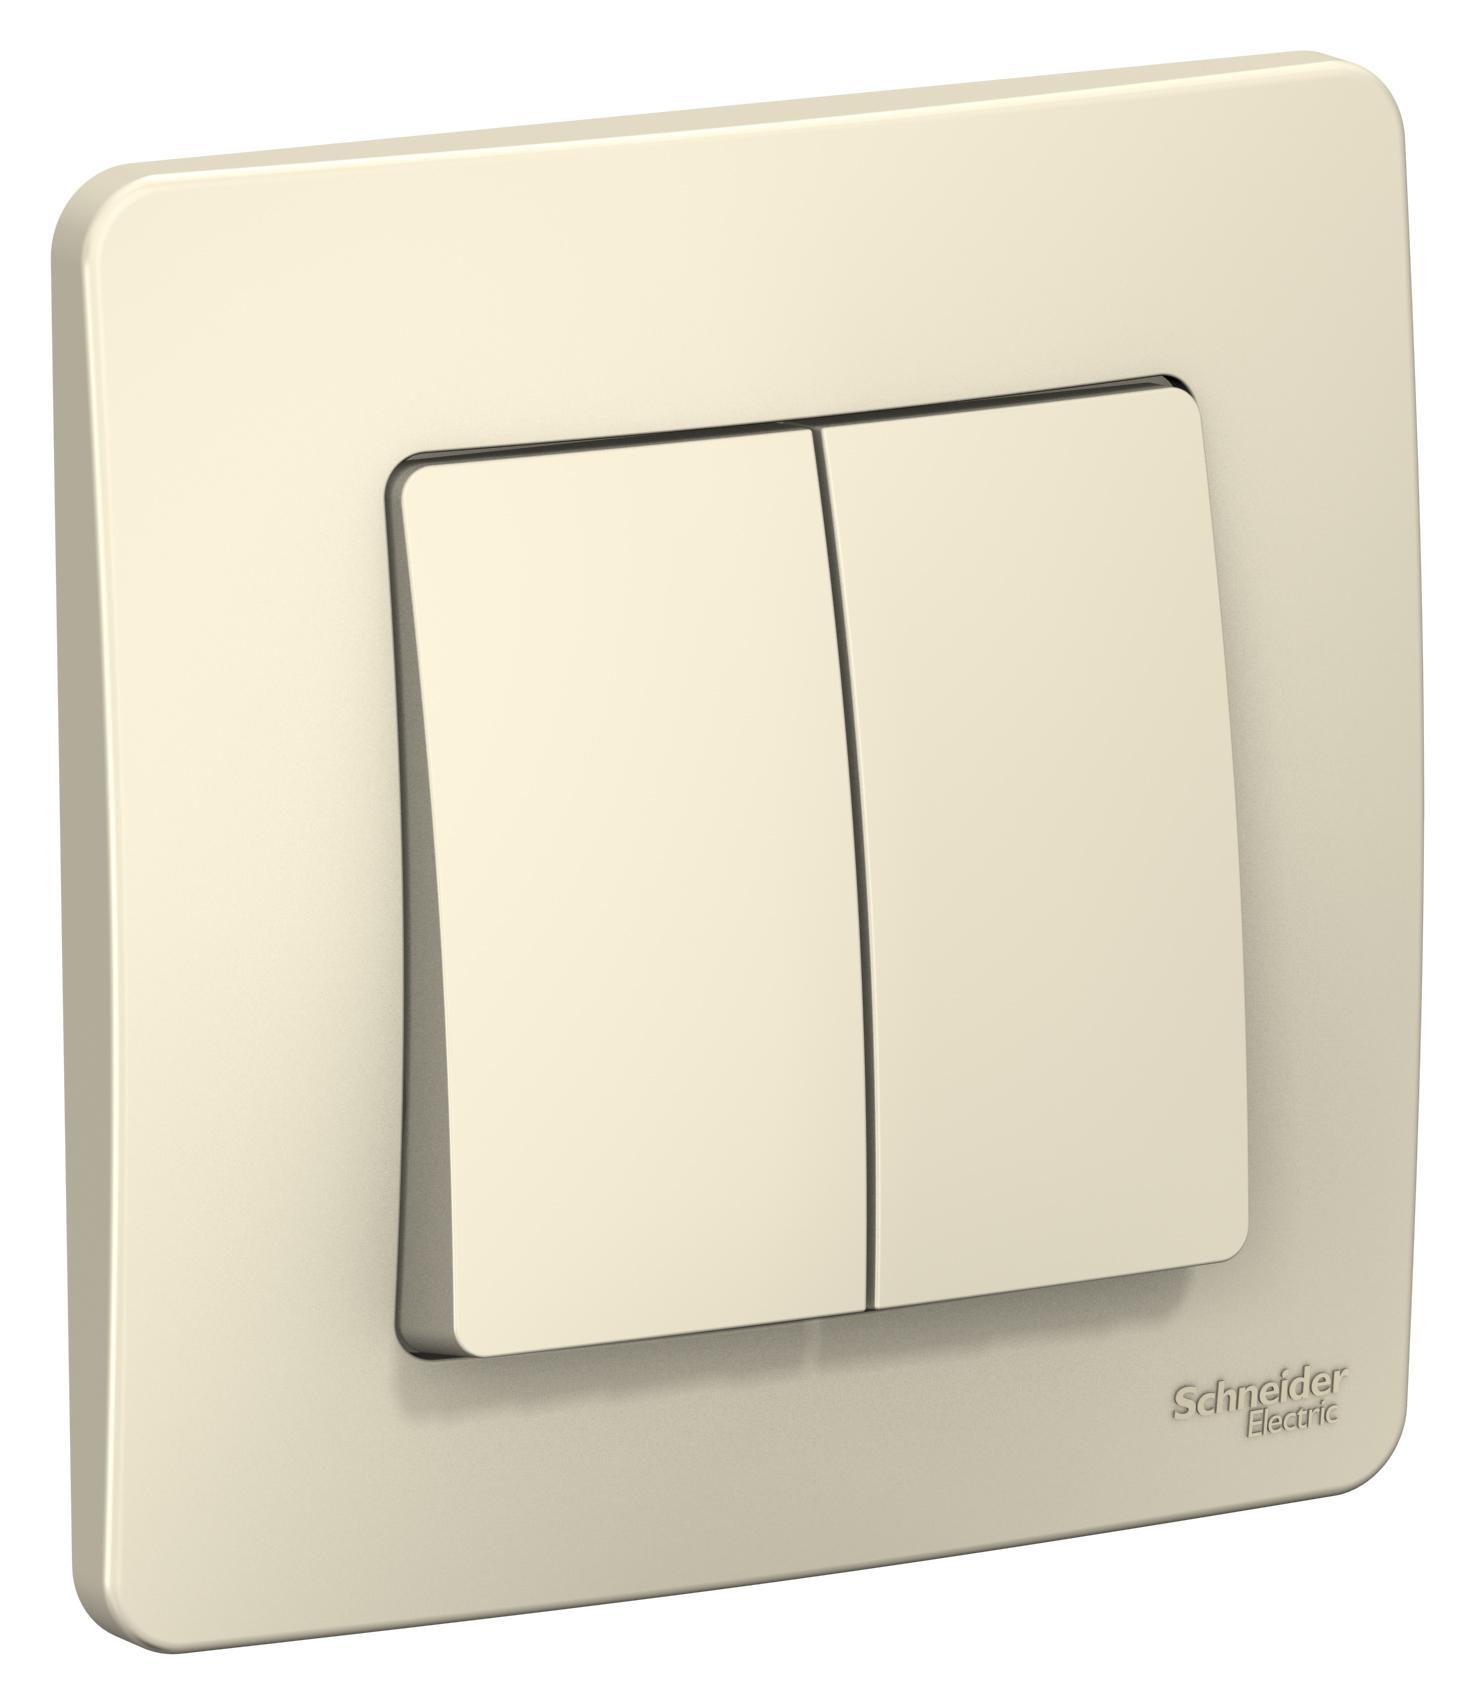 Выключатель Schneider electric Blnvs010502 blanca выключатель schneider electric blnva101013 blanca